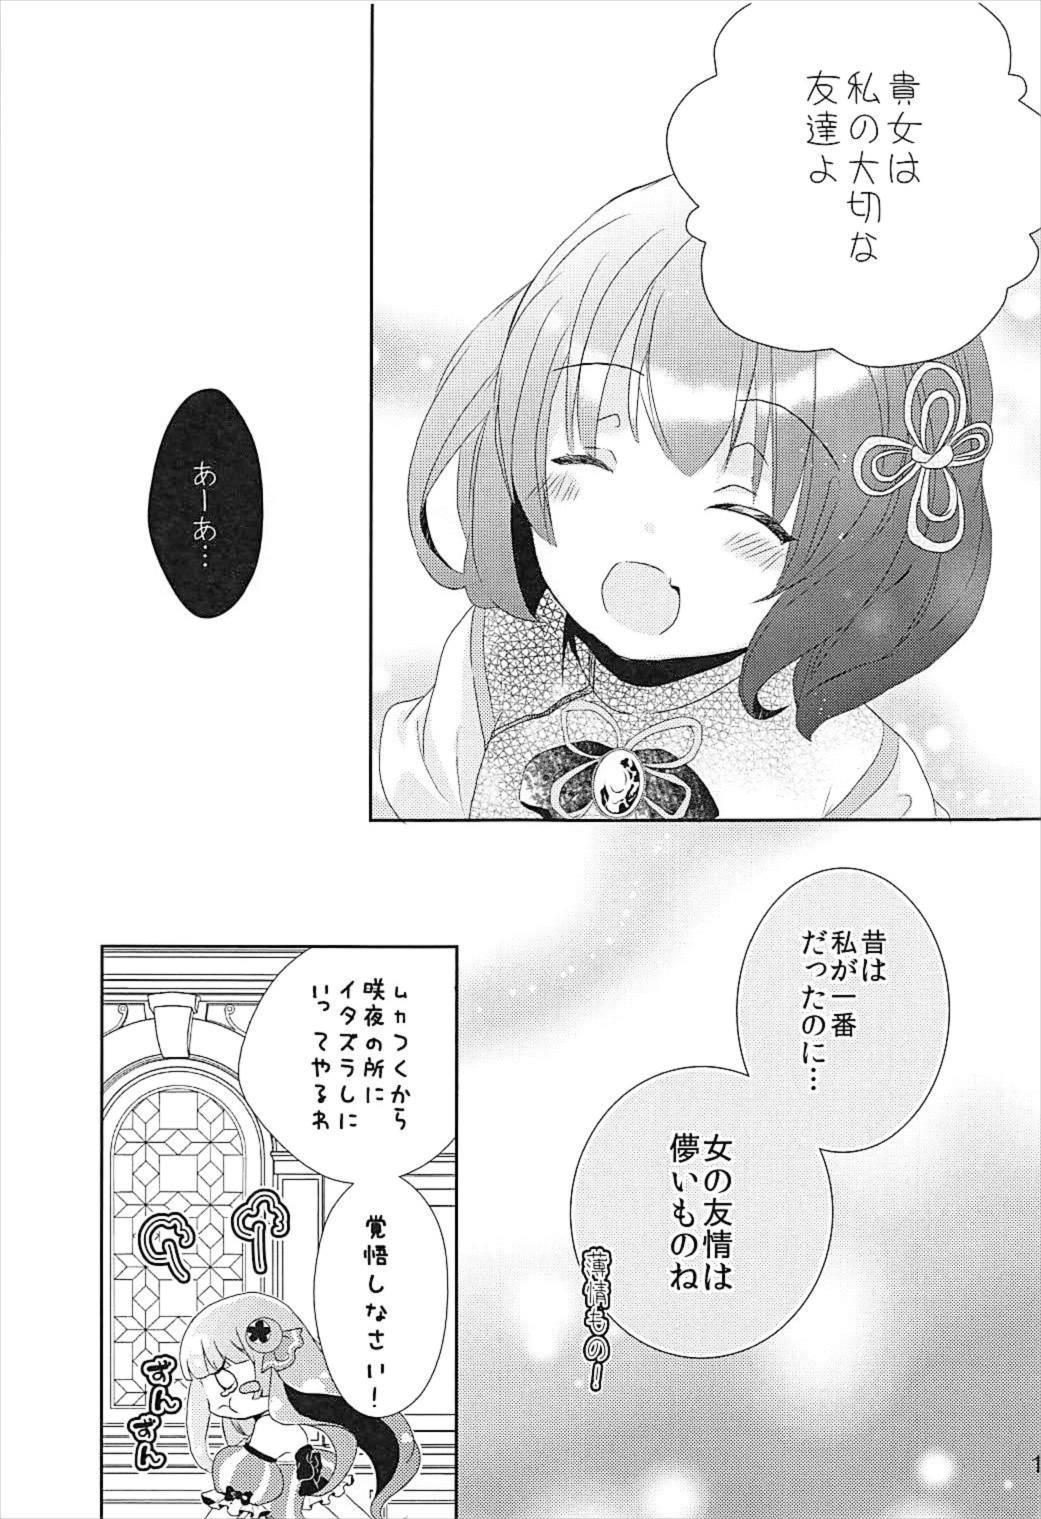 Toumei Ningen ni Natta no de, Itazura Shi ni Iku Hanashi. 9